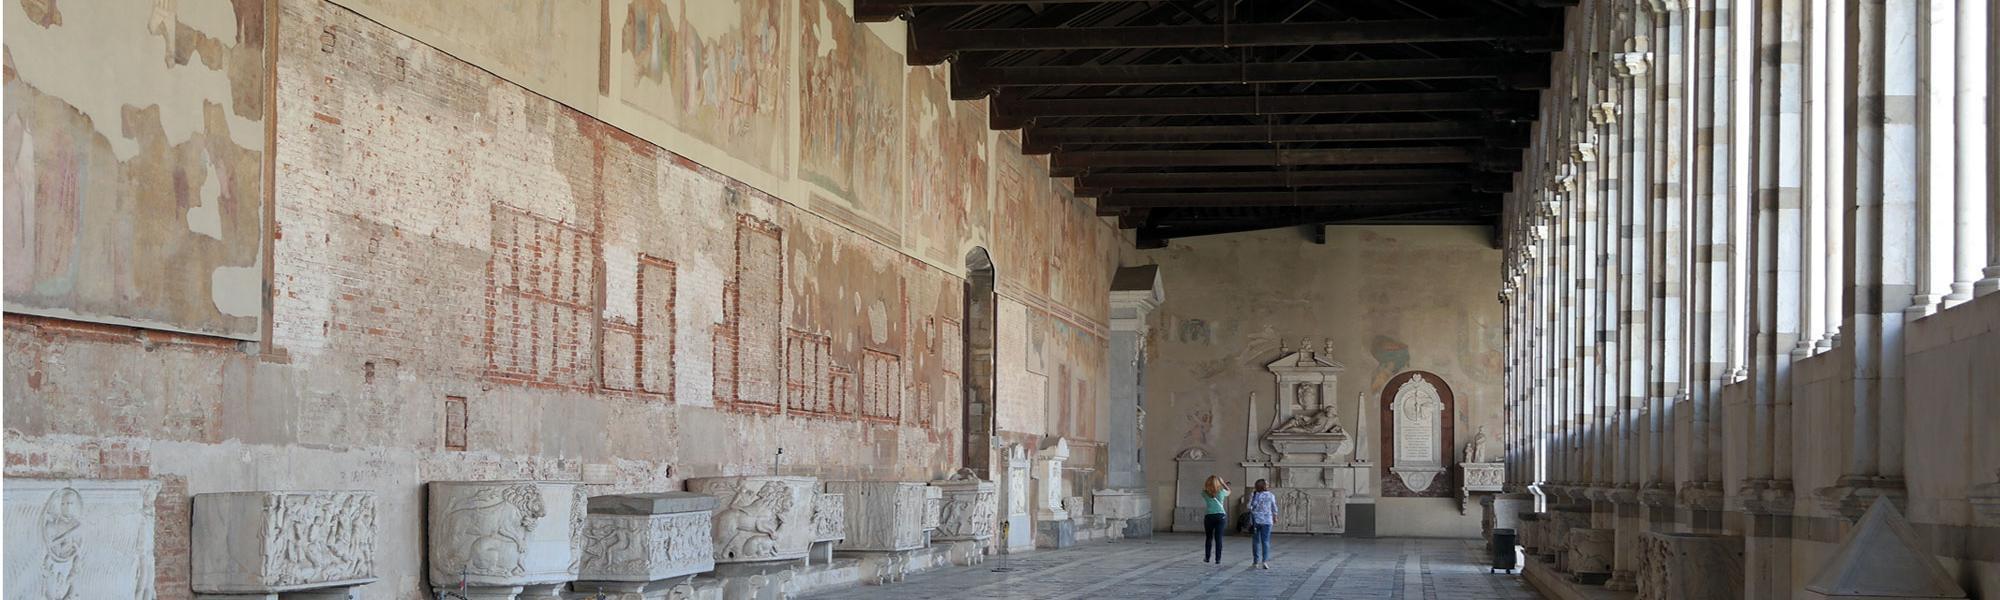 Camposanto monumentale di Pisa - corridoio